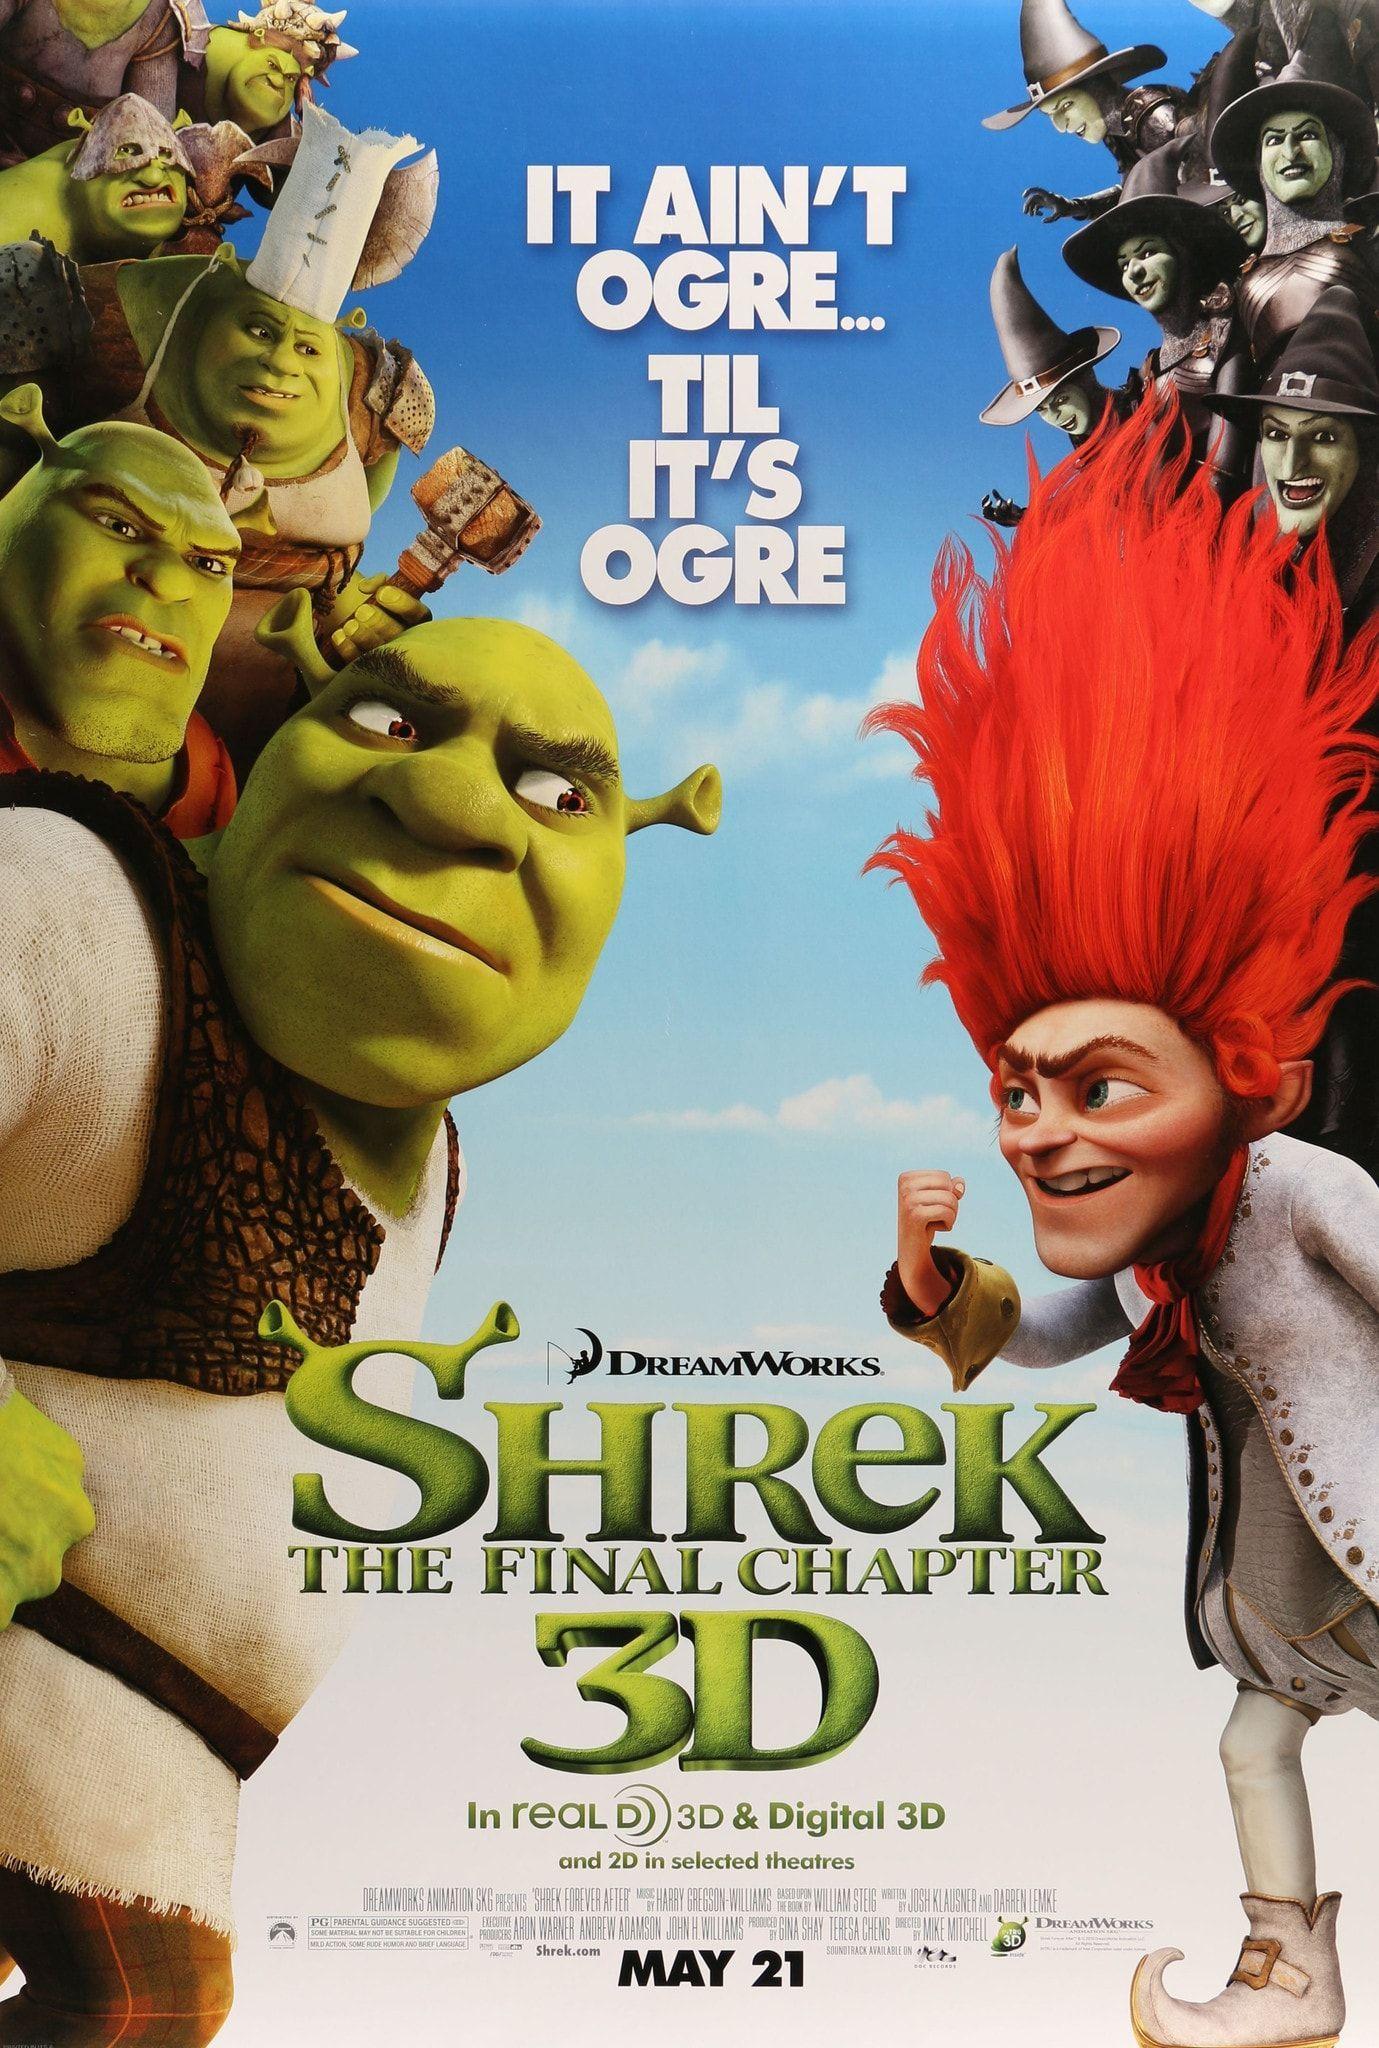 Shrek Forever After | Dreamworks Animation Wiki | FANDOM